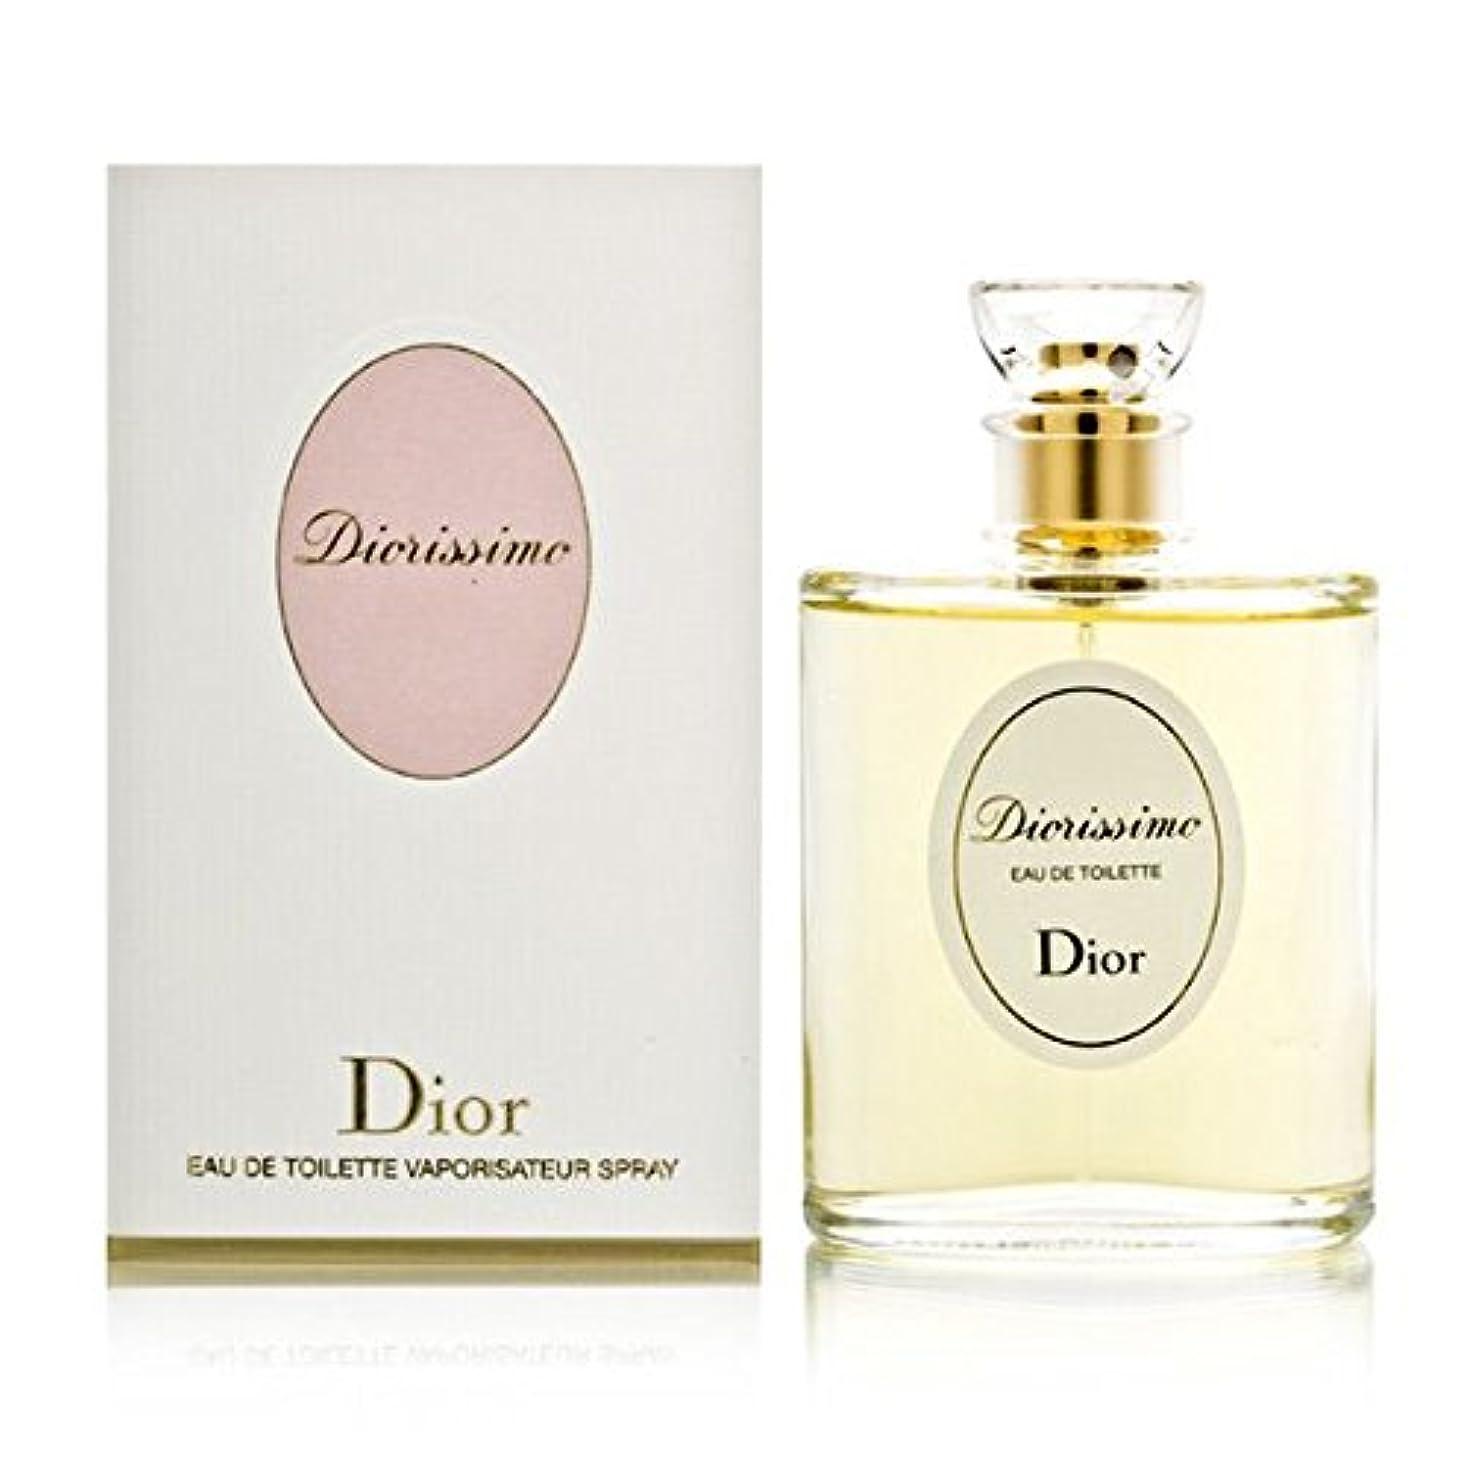 亜熱帯自動化ツインクリスチャン ディオール(Christian Dior) ディオリッシモ EDT SP 100ml[並行輸入品]